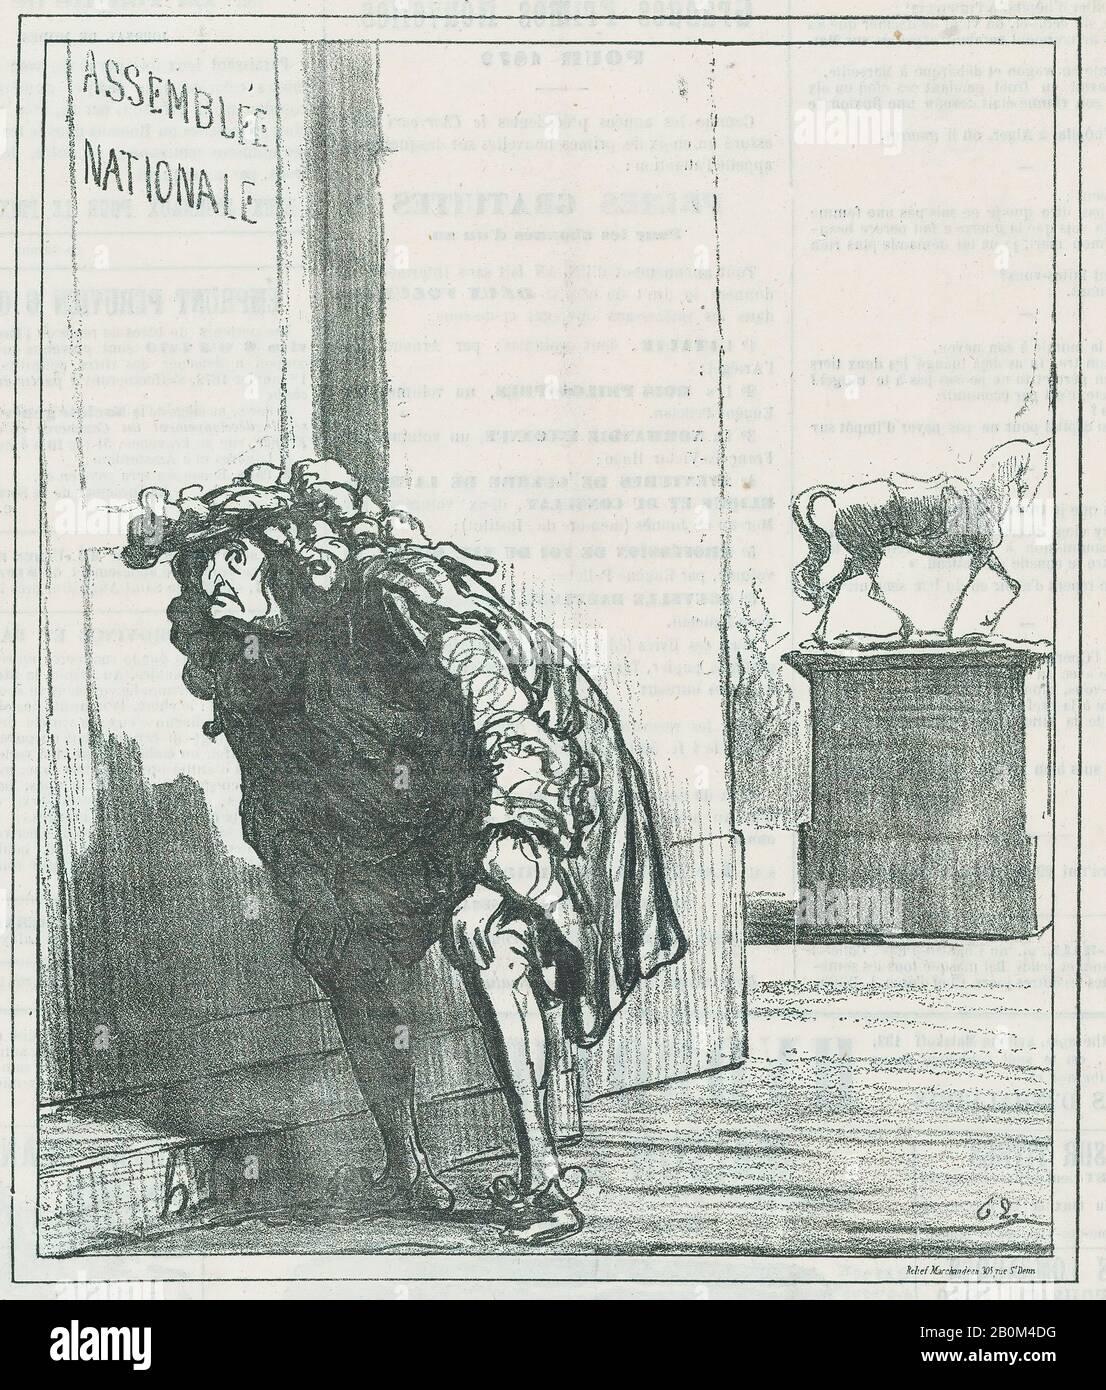 Honoré Daumier, Luigi XIV turbato alle prospettive per i Borboni, da 'Notizie del giorno', pubblicato in le Charivari, 22 dicembre 1871, 'Notizie del giorno' (Actualités), Honoré Daumier (francese, Marsiglia 1808–1879 Valmondois), Luigi XIV, re di Francia (francese, Saint-Germain-en-Laye-Laye, 1722 dicembre 1838); Versailles–1622–1822; Secondo stato di due (Delteil), immagine: 9 3/8 × 8 1/4 in. (23,8 × 20,9 cm), foglio: 11 5/8 × 11 3/4 in. (29.5 × 29.9 cm), stampe Foto Stock